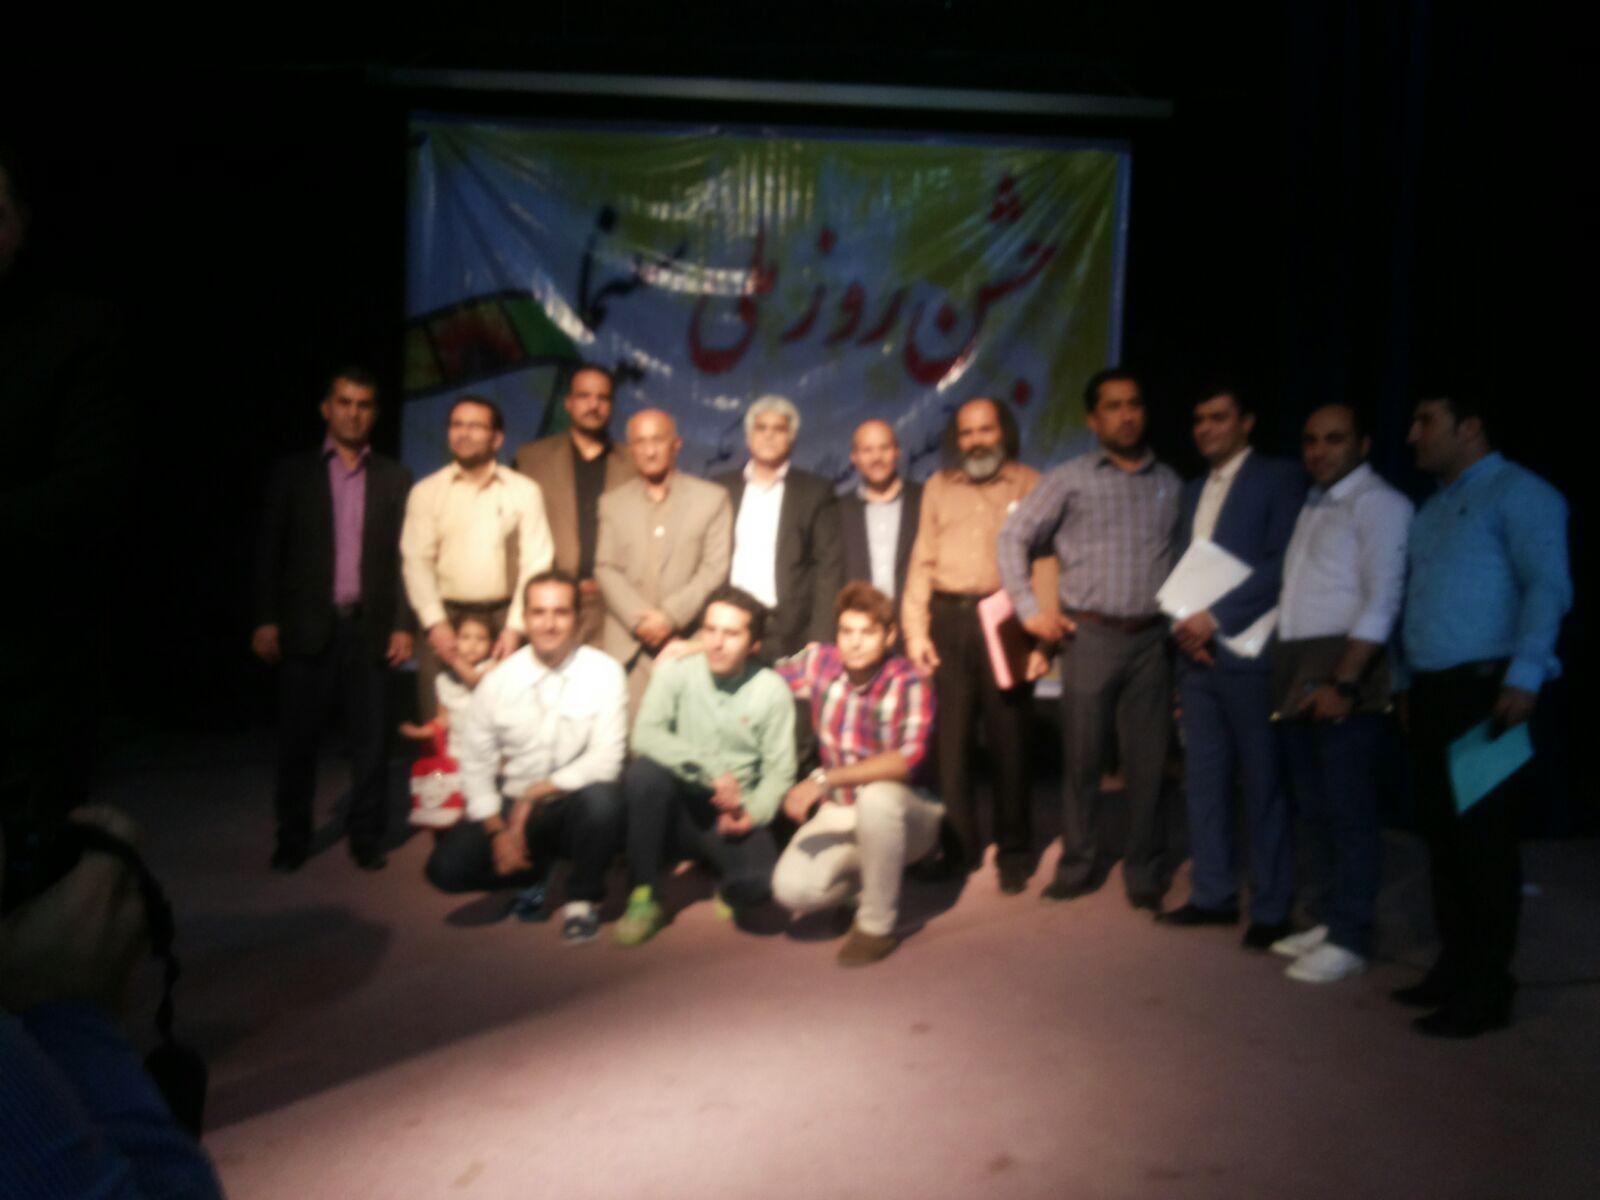 برگزاری مراسم بزرگداشت روز ملی صنعت سینما در مسجدسلیمان / حاشیه نگاری + تصاویر